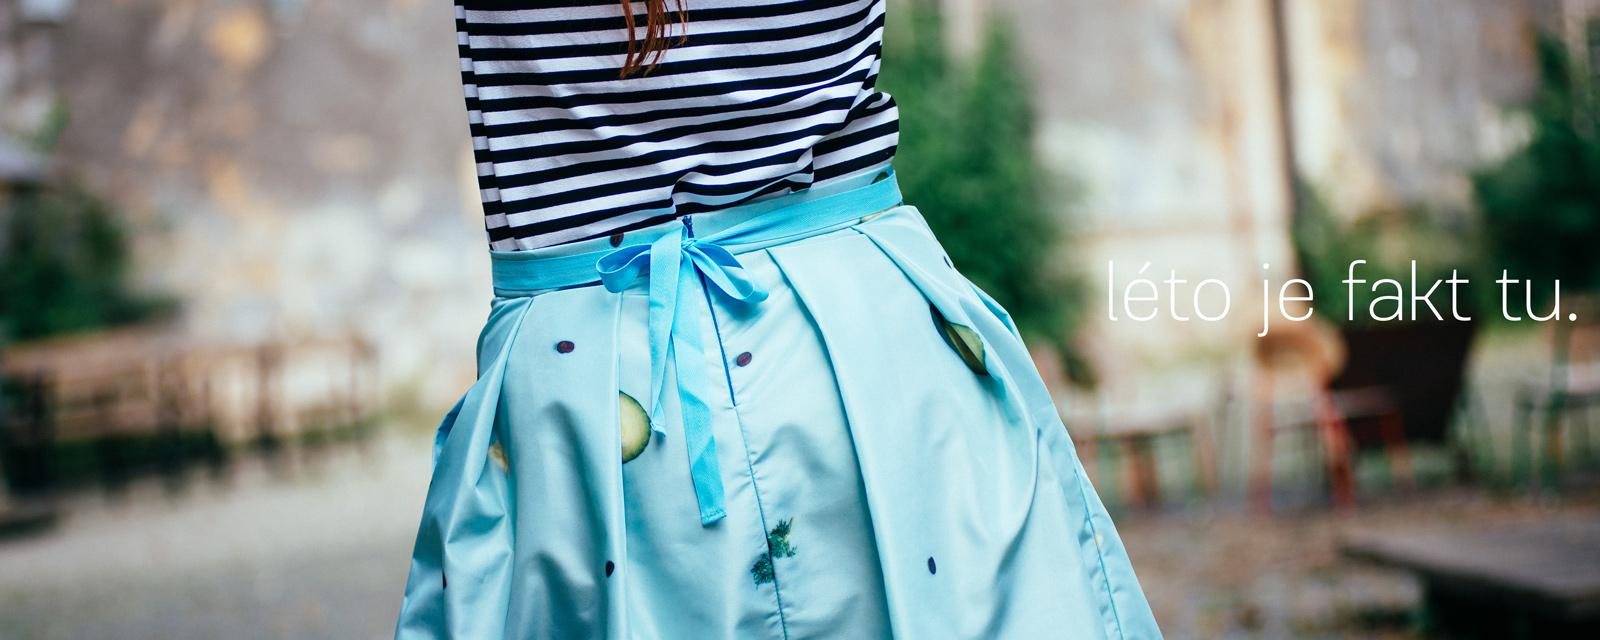 Letní speciál… Aneb šaty dělají ženu